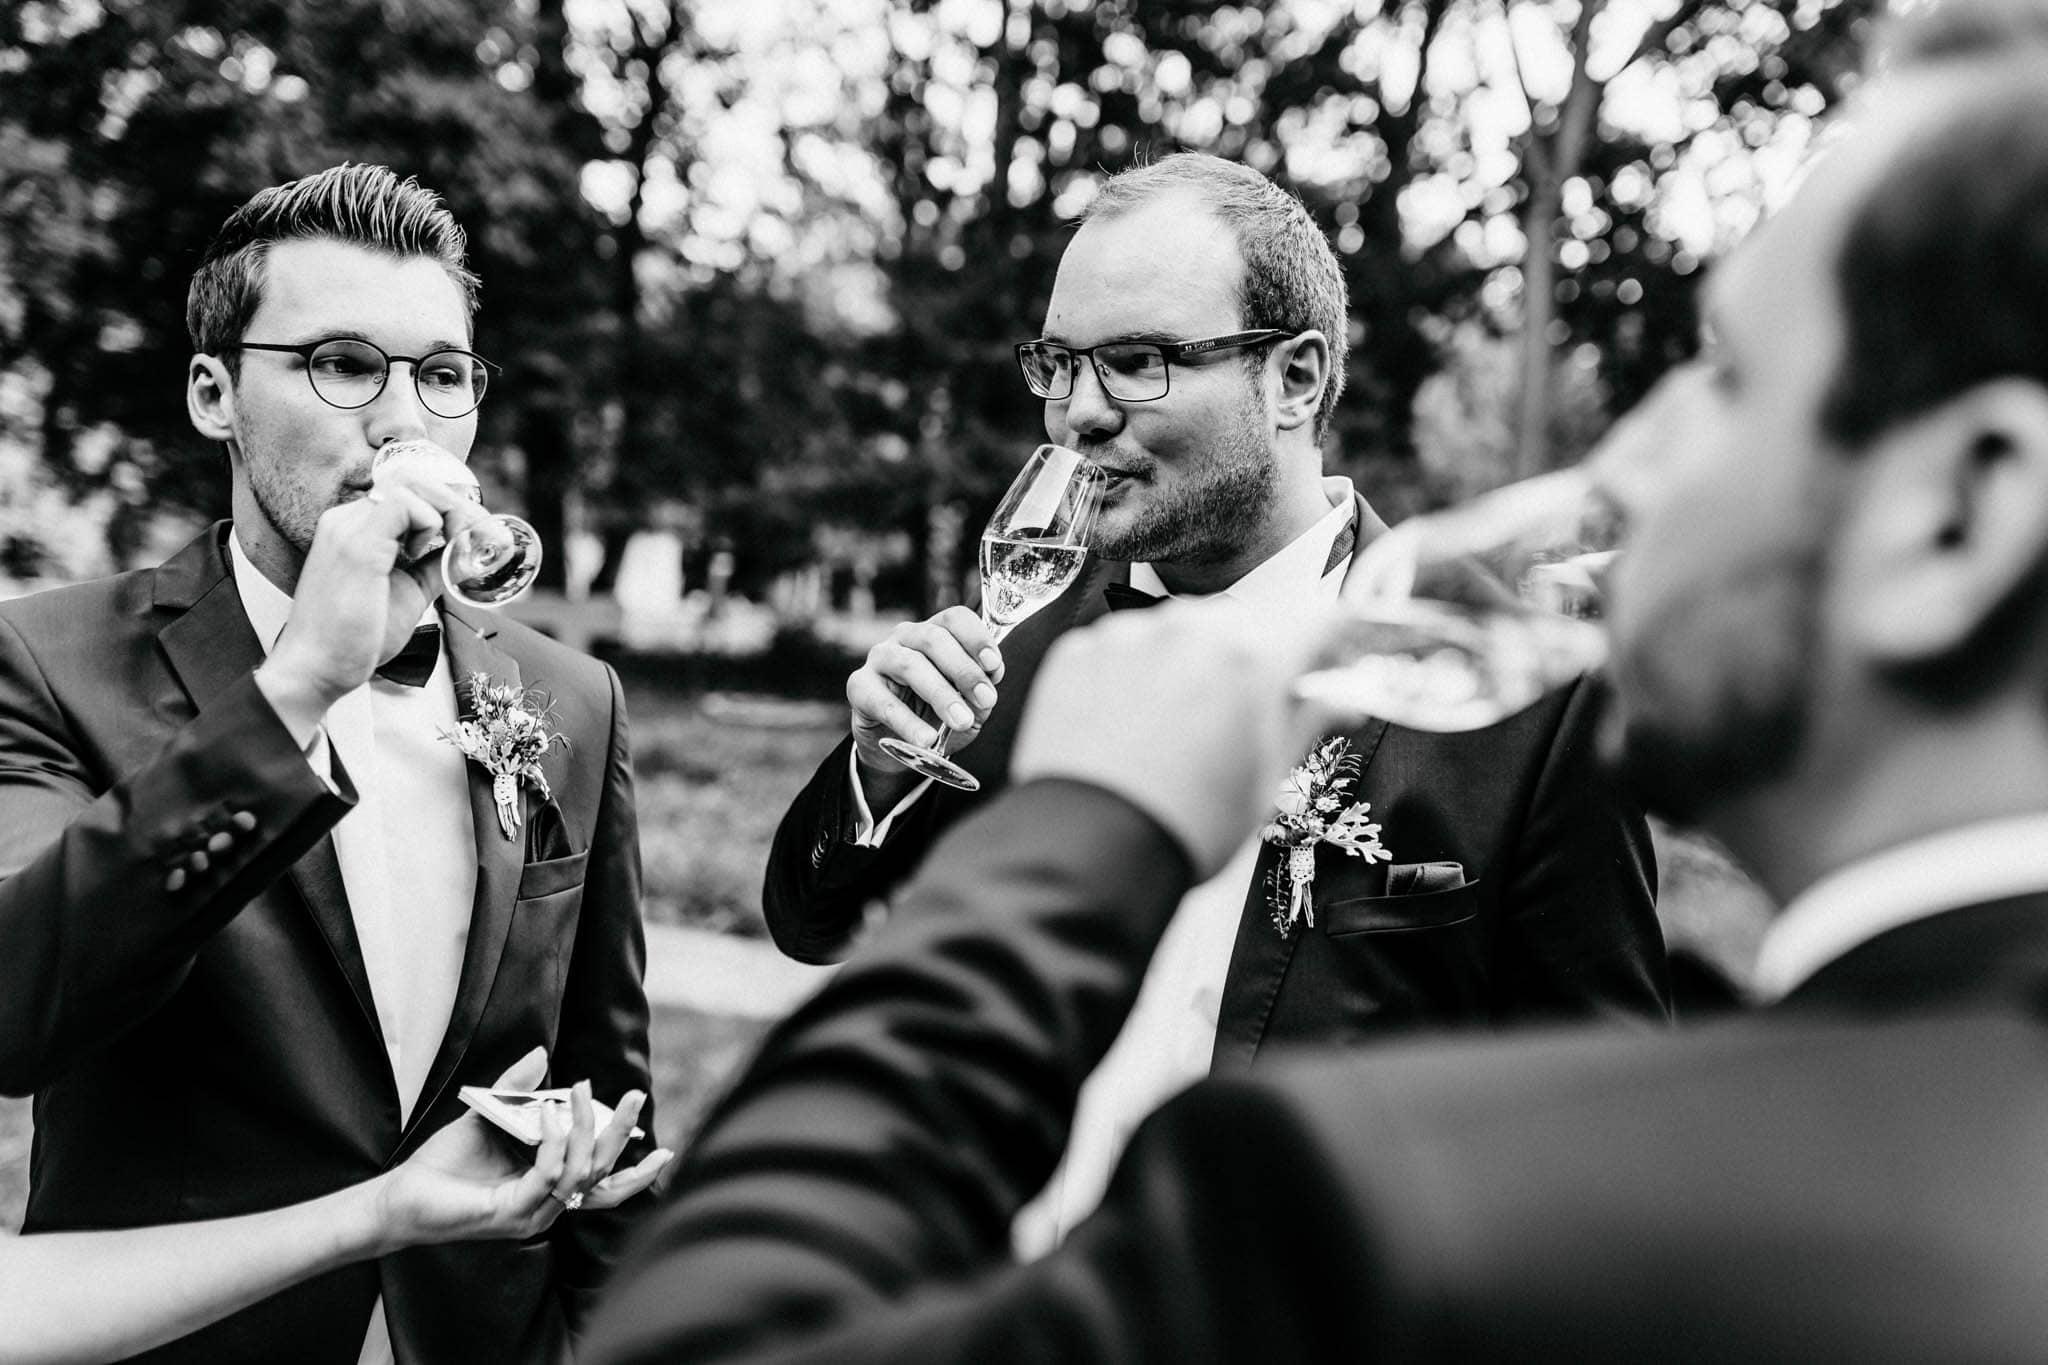 Hochzeitsfieber by Photo-Schomburg, Hochzeitsfotograf, Hamburg, Bremen, Hochzeitstag, Hochzeitspaar, Braut, Bräutigam, Bremen-Kränholm,Knoops Park-177